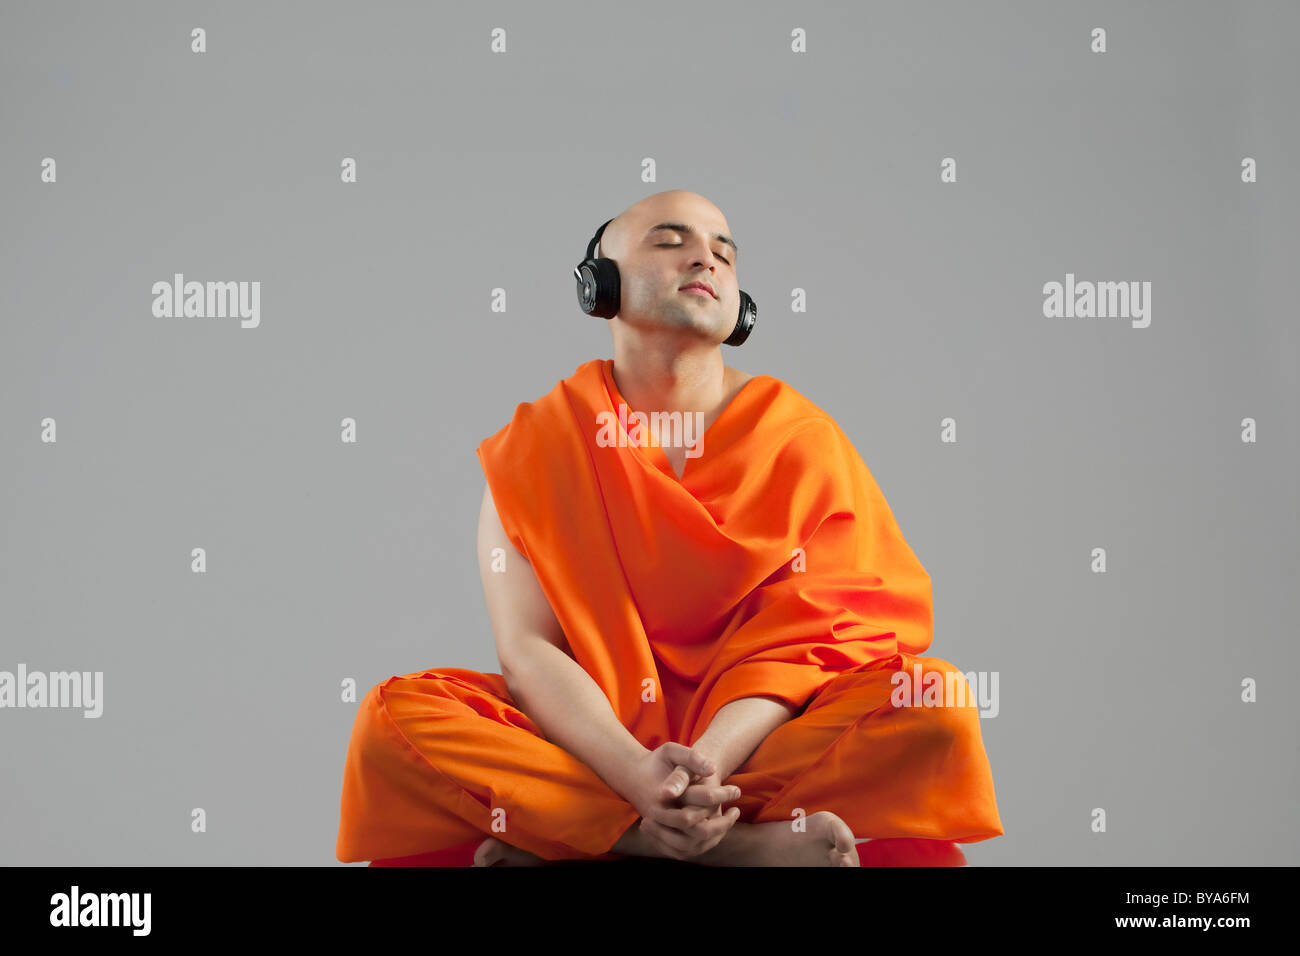 Monk à écouter de la musique Banque D'Images